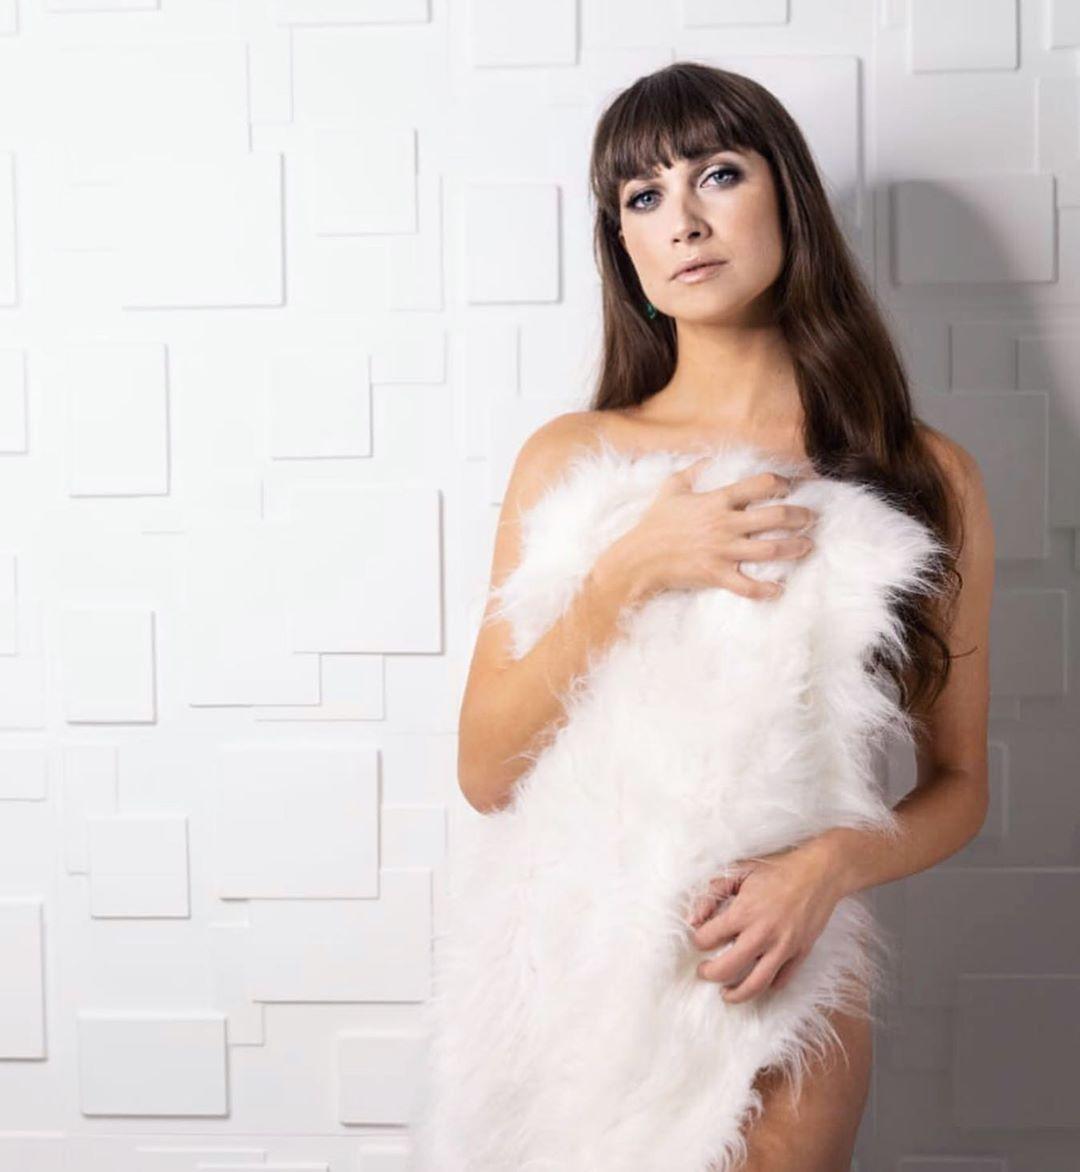 Maiara Walsh Sexy 0045